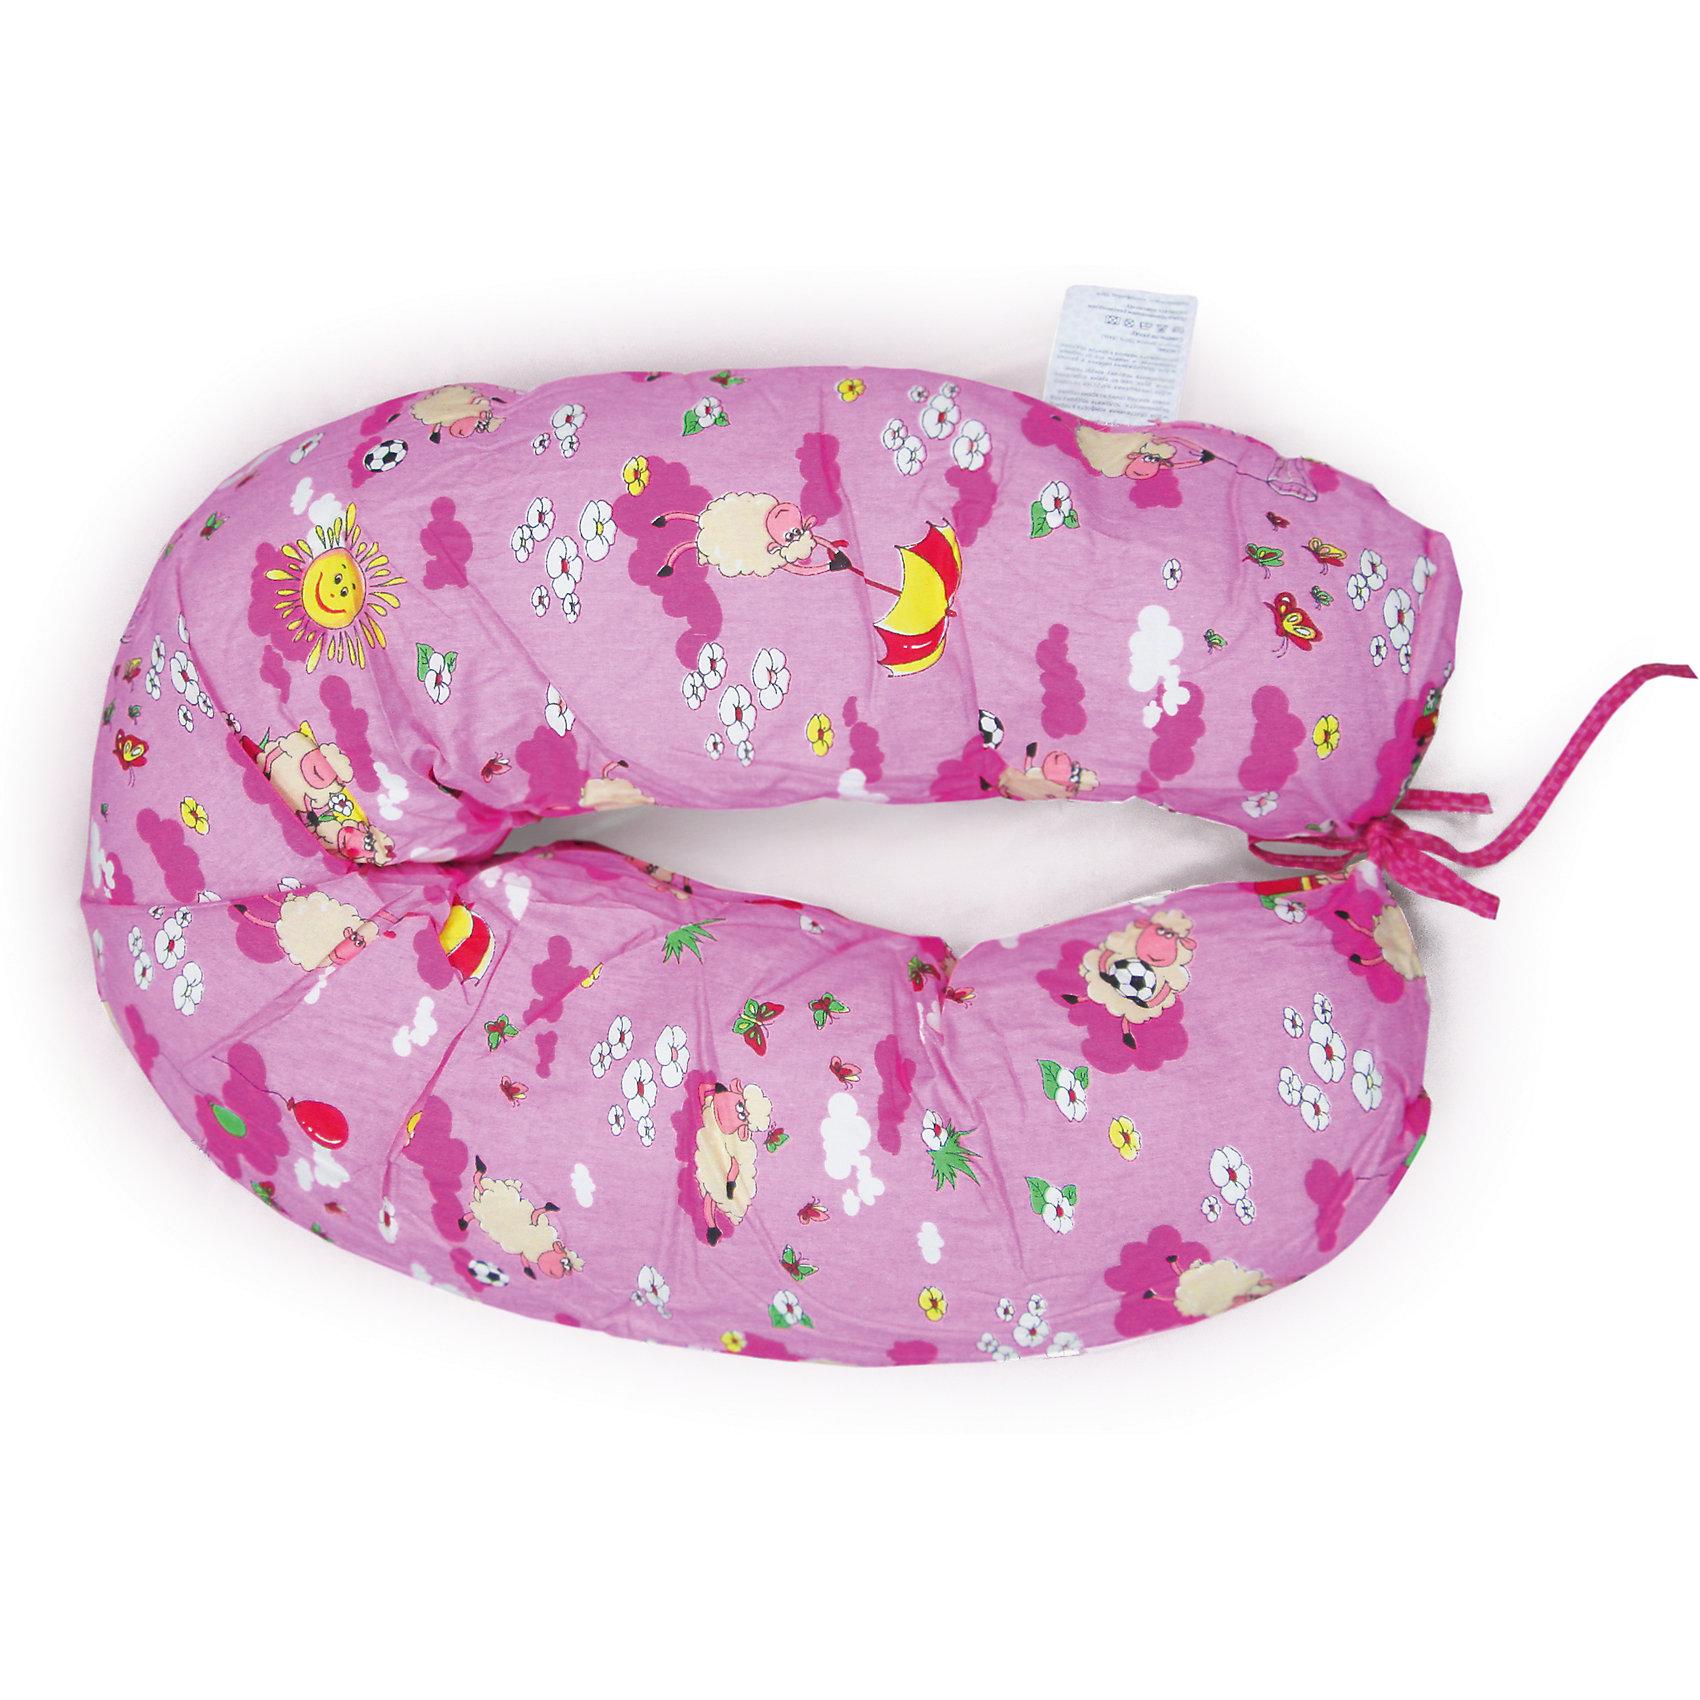 Подушка д/беременных и кормящих женщин, ФЭСТ, розовыйПодушки для беременных и кормящих мам<br>Подушка многофункциональная ФЭСТ обеспечивает комфорт мамы и малыша.<br>В период беременности её удобно использовать, подкладывая под живот или спину.<br>Для уменьшения нагрузки на спину, плечи, руки и шею во время кормления расположите подушку вокруг талии.<br>Для поддержания ребенка в разных положениях и зашиты его от падения следует поместить малыша в центр подушки.<br>Модель со съёмным чехлом из хлопкового полотна (цвет рисунка может отличаться от представленного на фото).<br>Размер: длина 1500 мм, ширина 250 мм<br><br>Ширина мм: 700<br>Глубина мм: 160<br>Высота мм: 490<br>Вес г: 1220<br>Возраст от месяцев: -2147483648<br>Возраст до месяцев: 2147483647<br>Пол: Женский<br>Возраст: Детский<br>SKU: 4915072